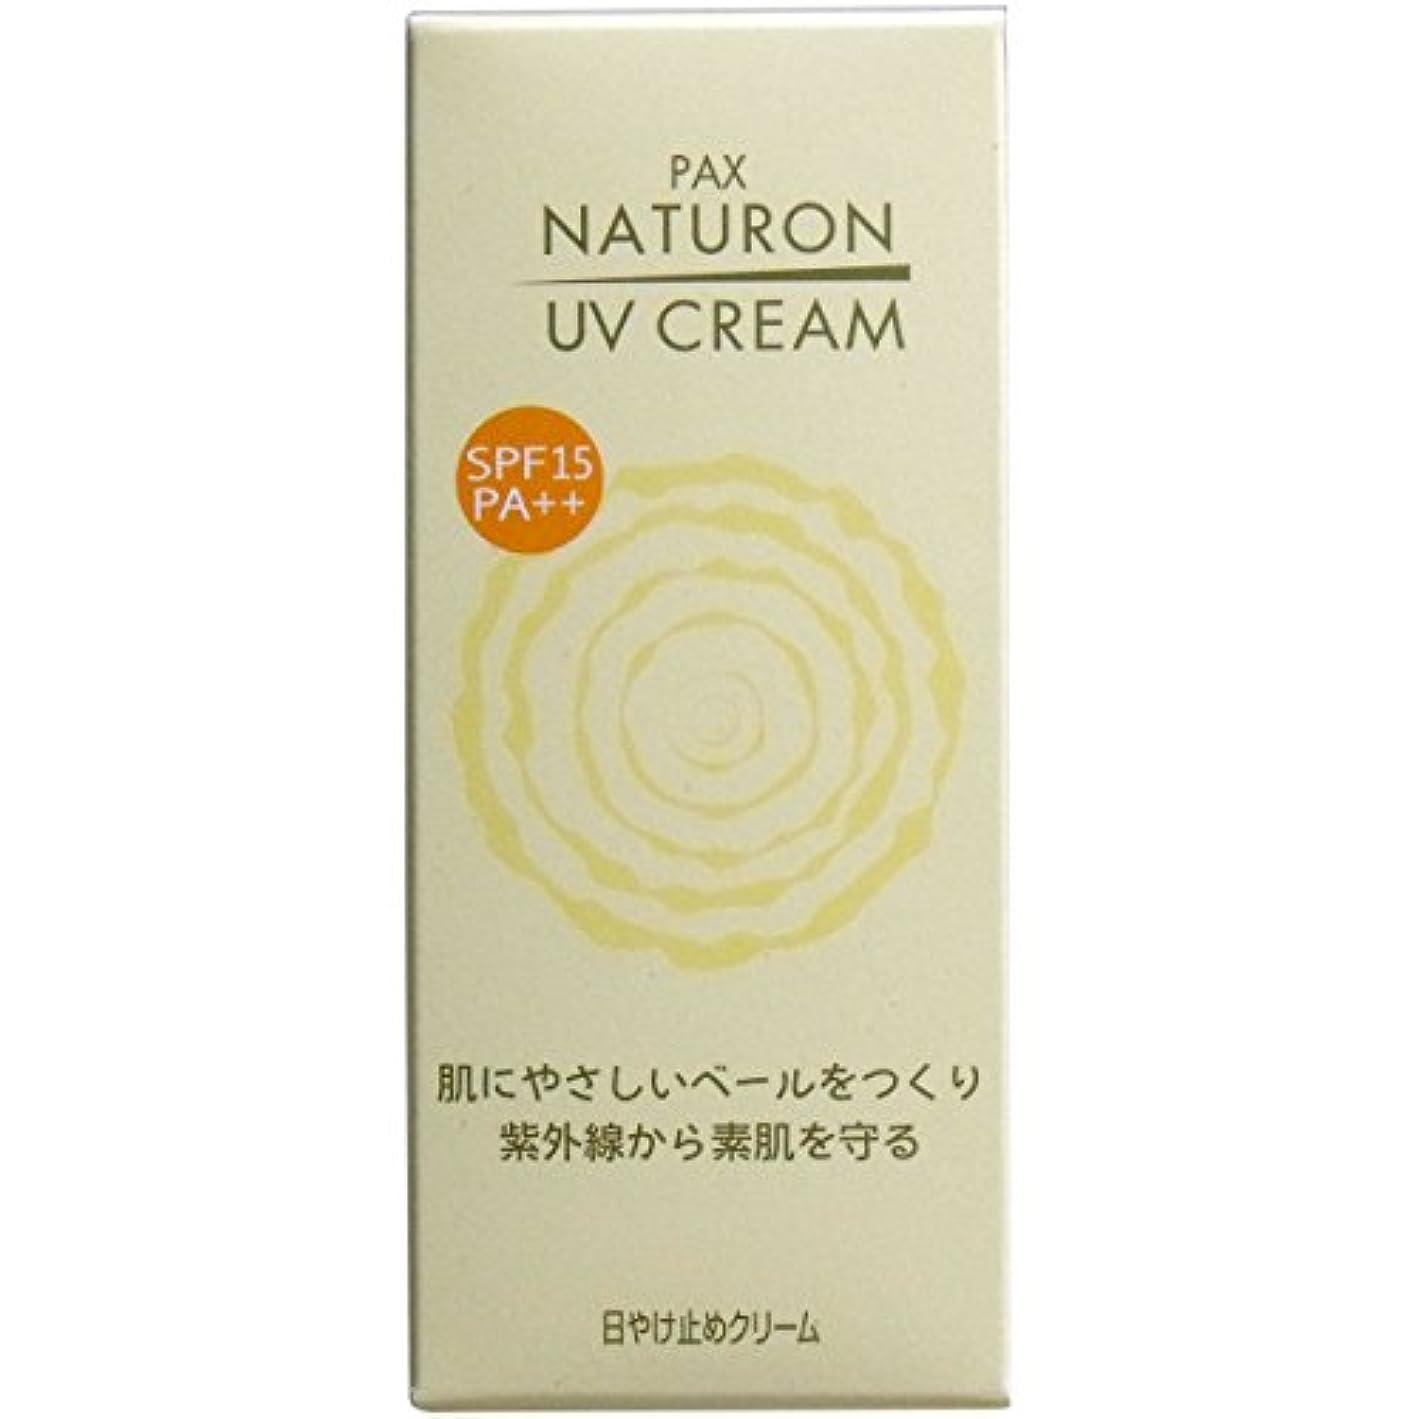 適度に豪華ななしで太陽油脂 パックスナチュロン UV クリーム SPF15 PA++ 45g